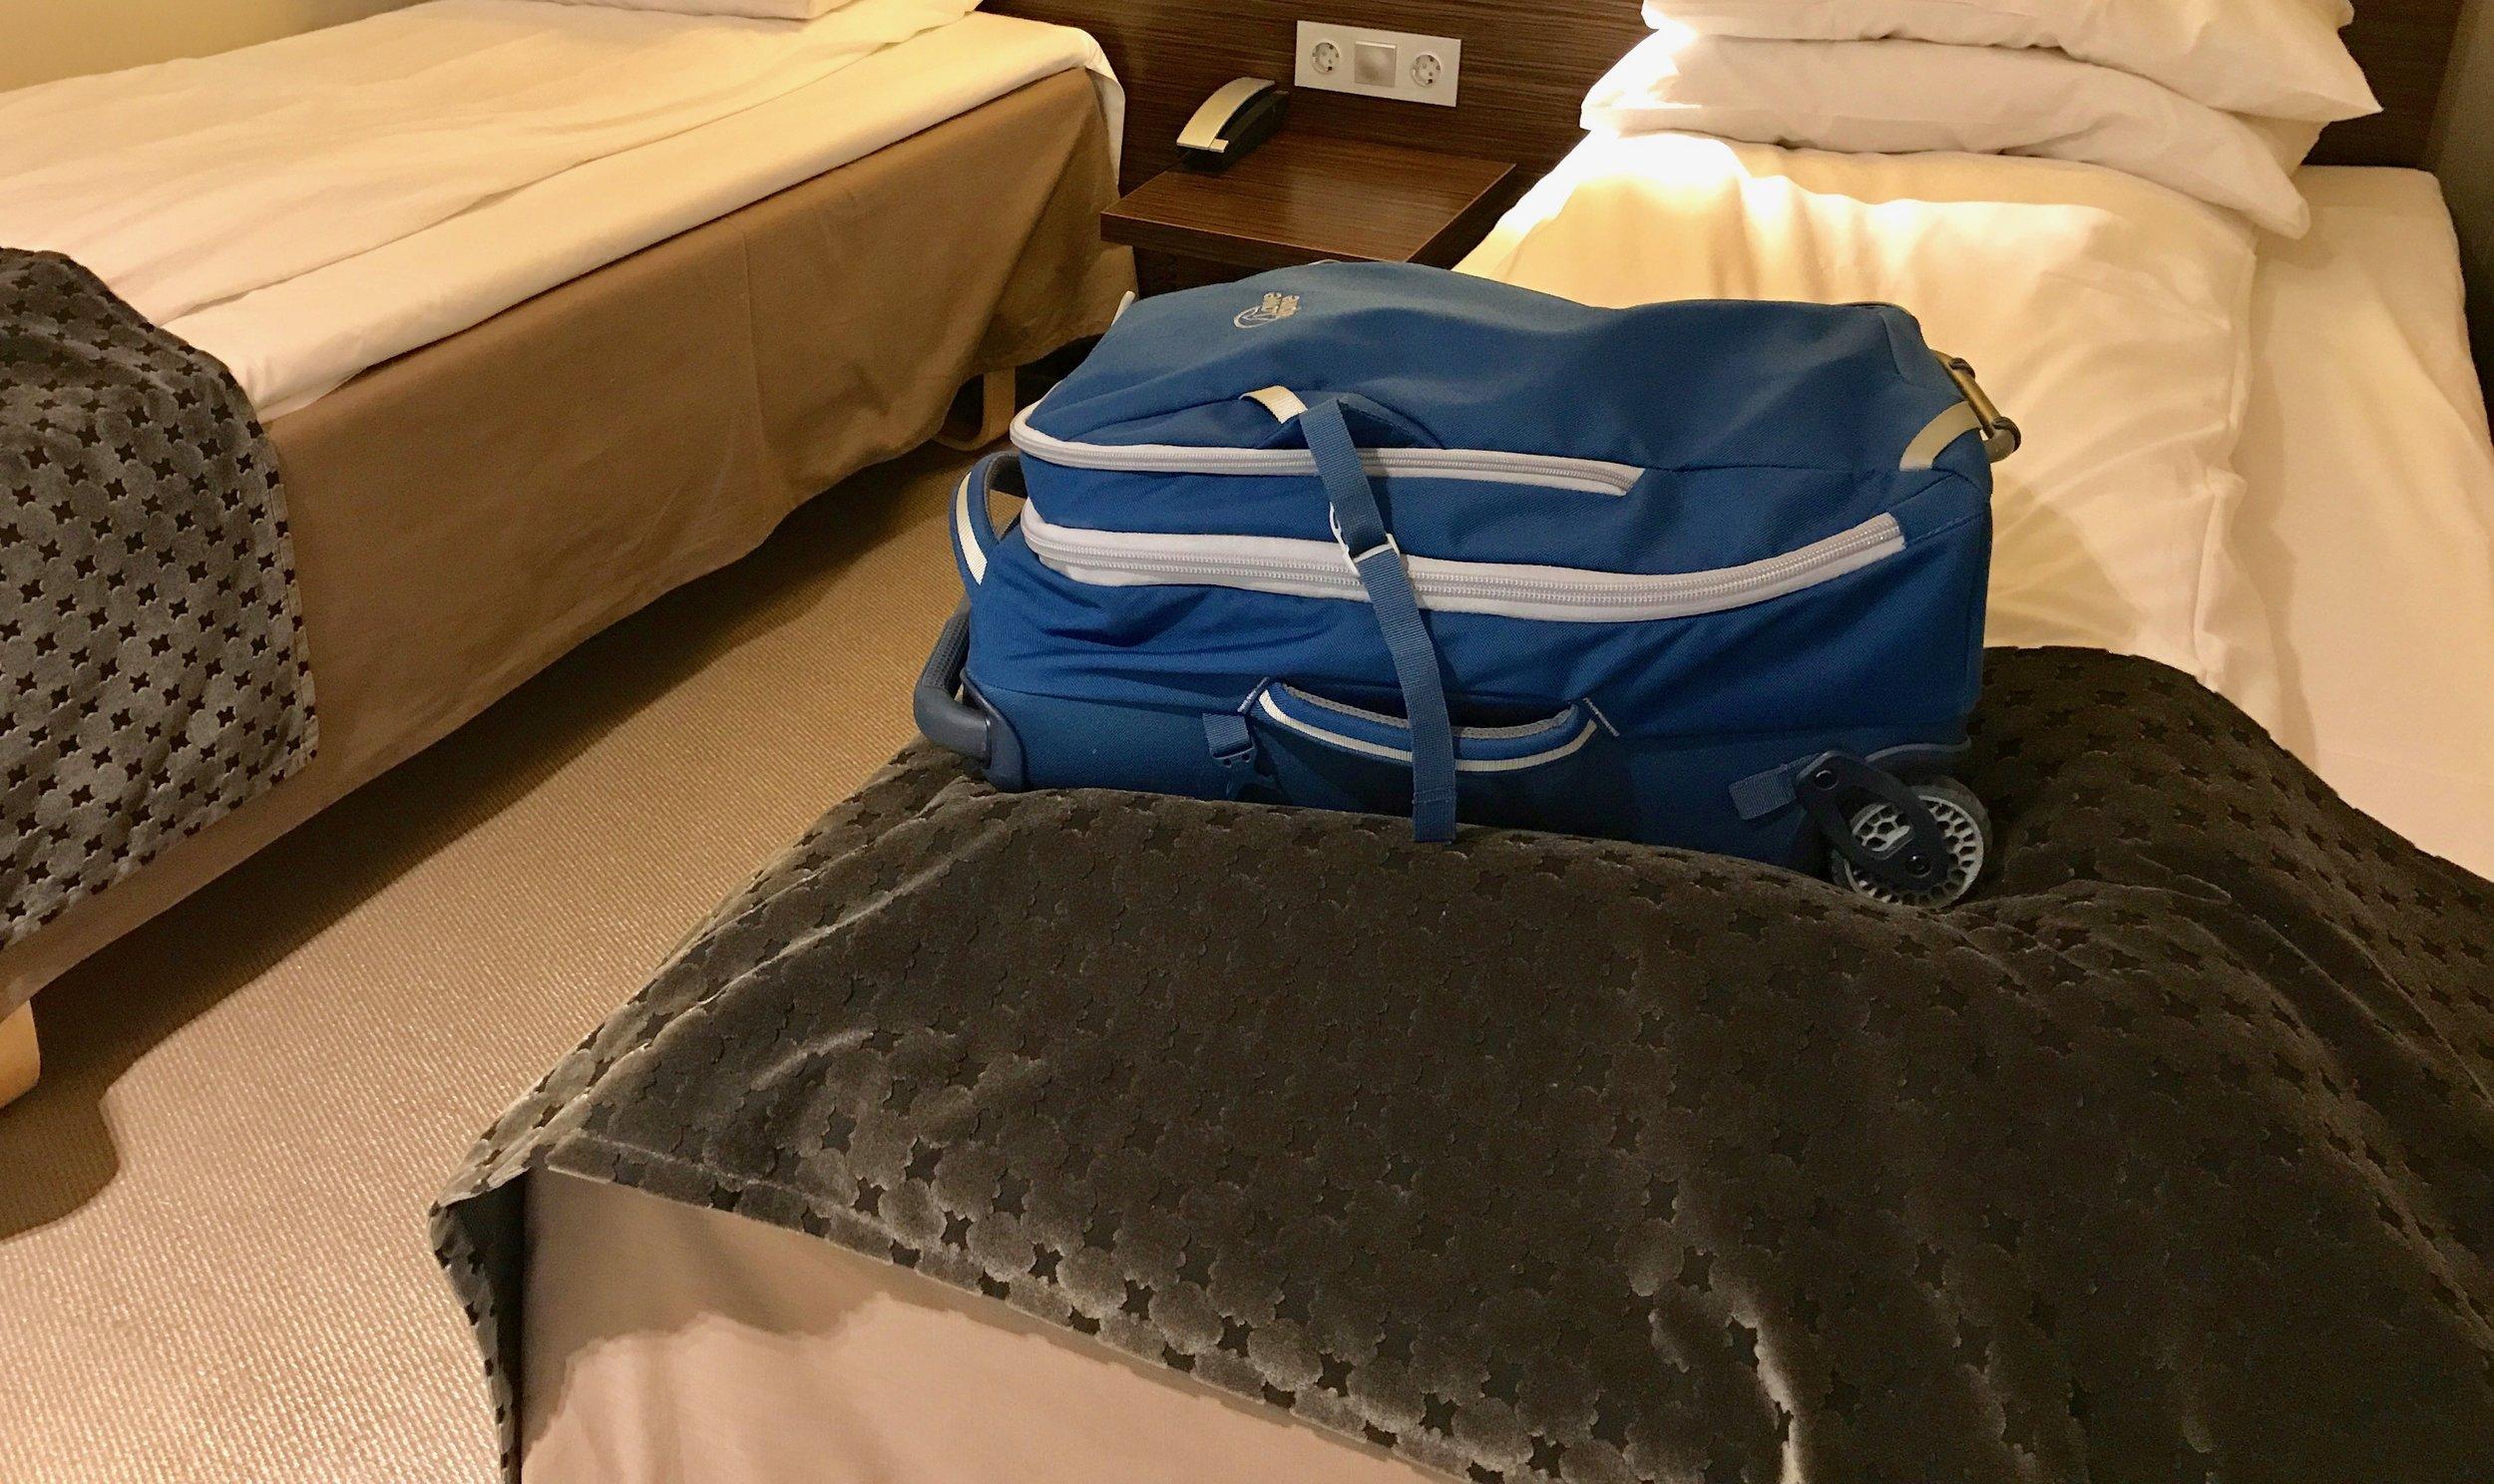 Nei, du skal ikke legge kofferten din på senga. Bruk koffertstativet eller aller helst badet. Foto: Odd Roar Lange